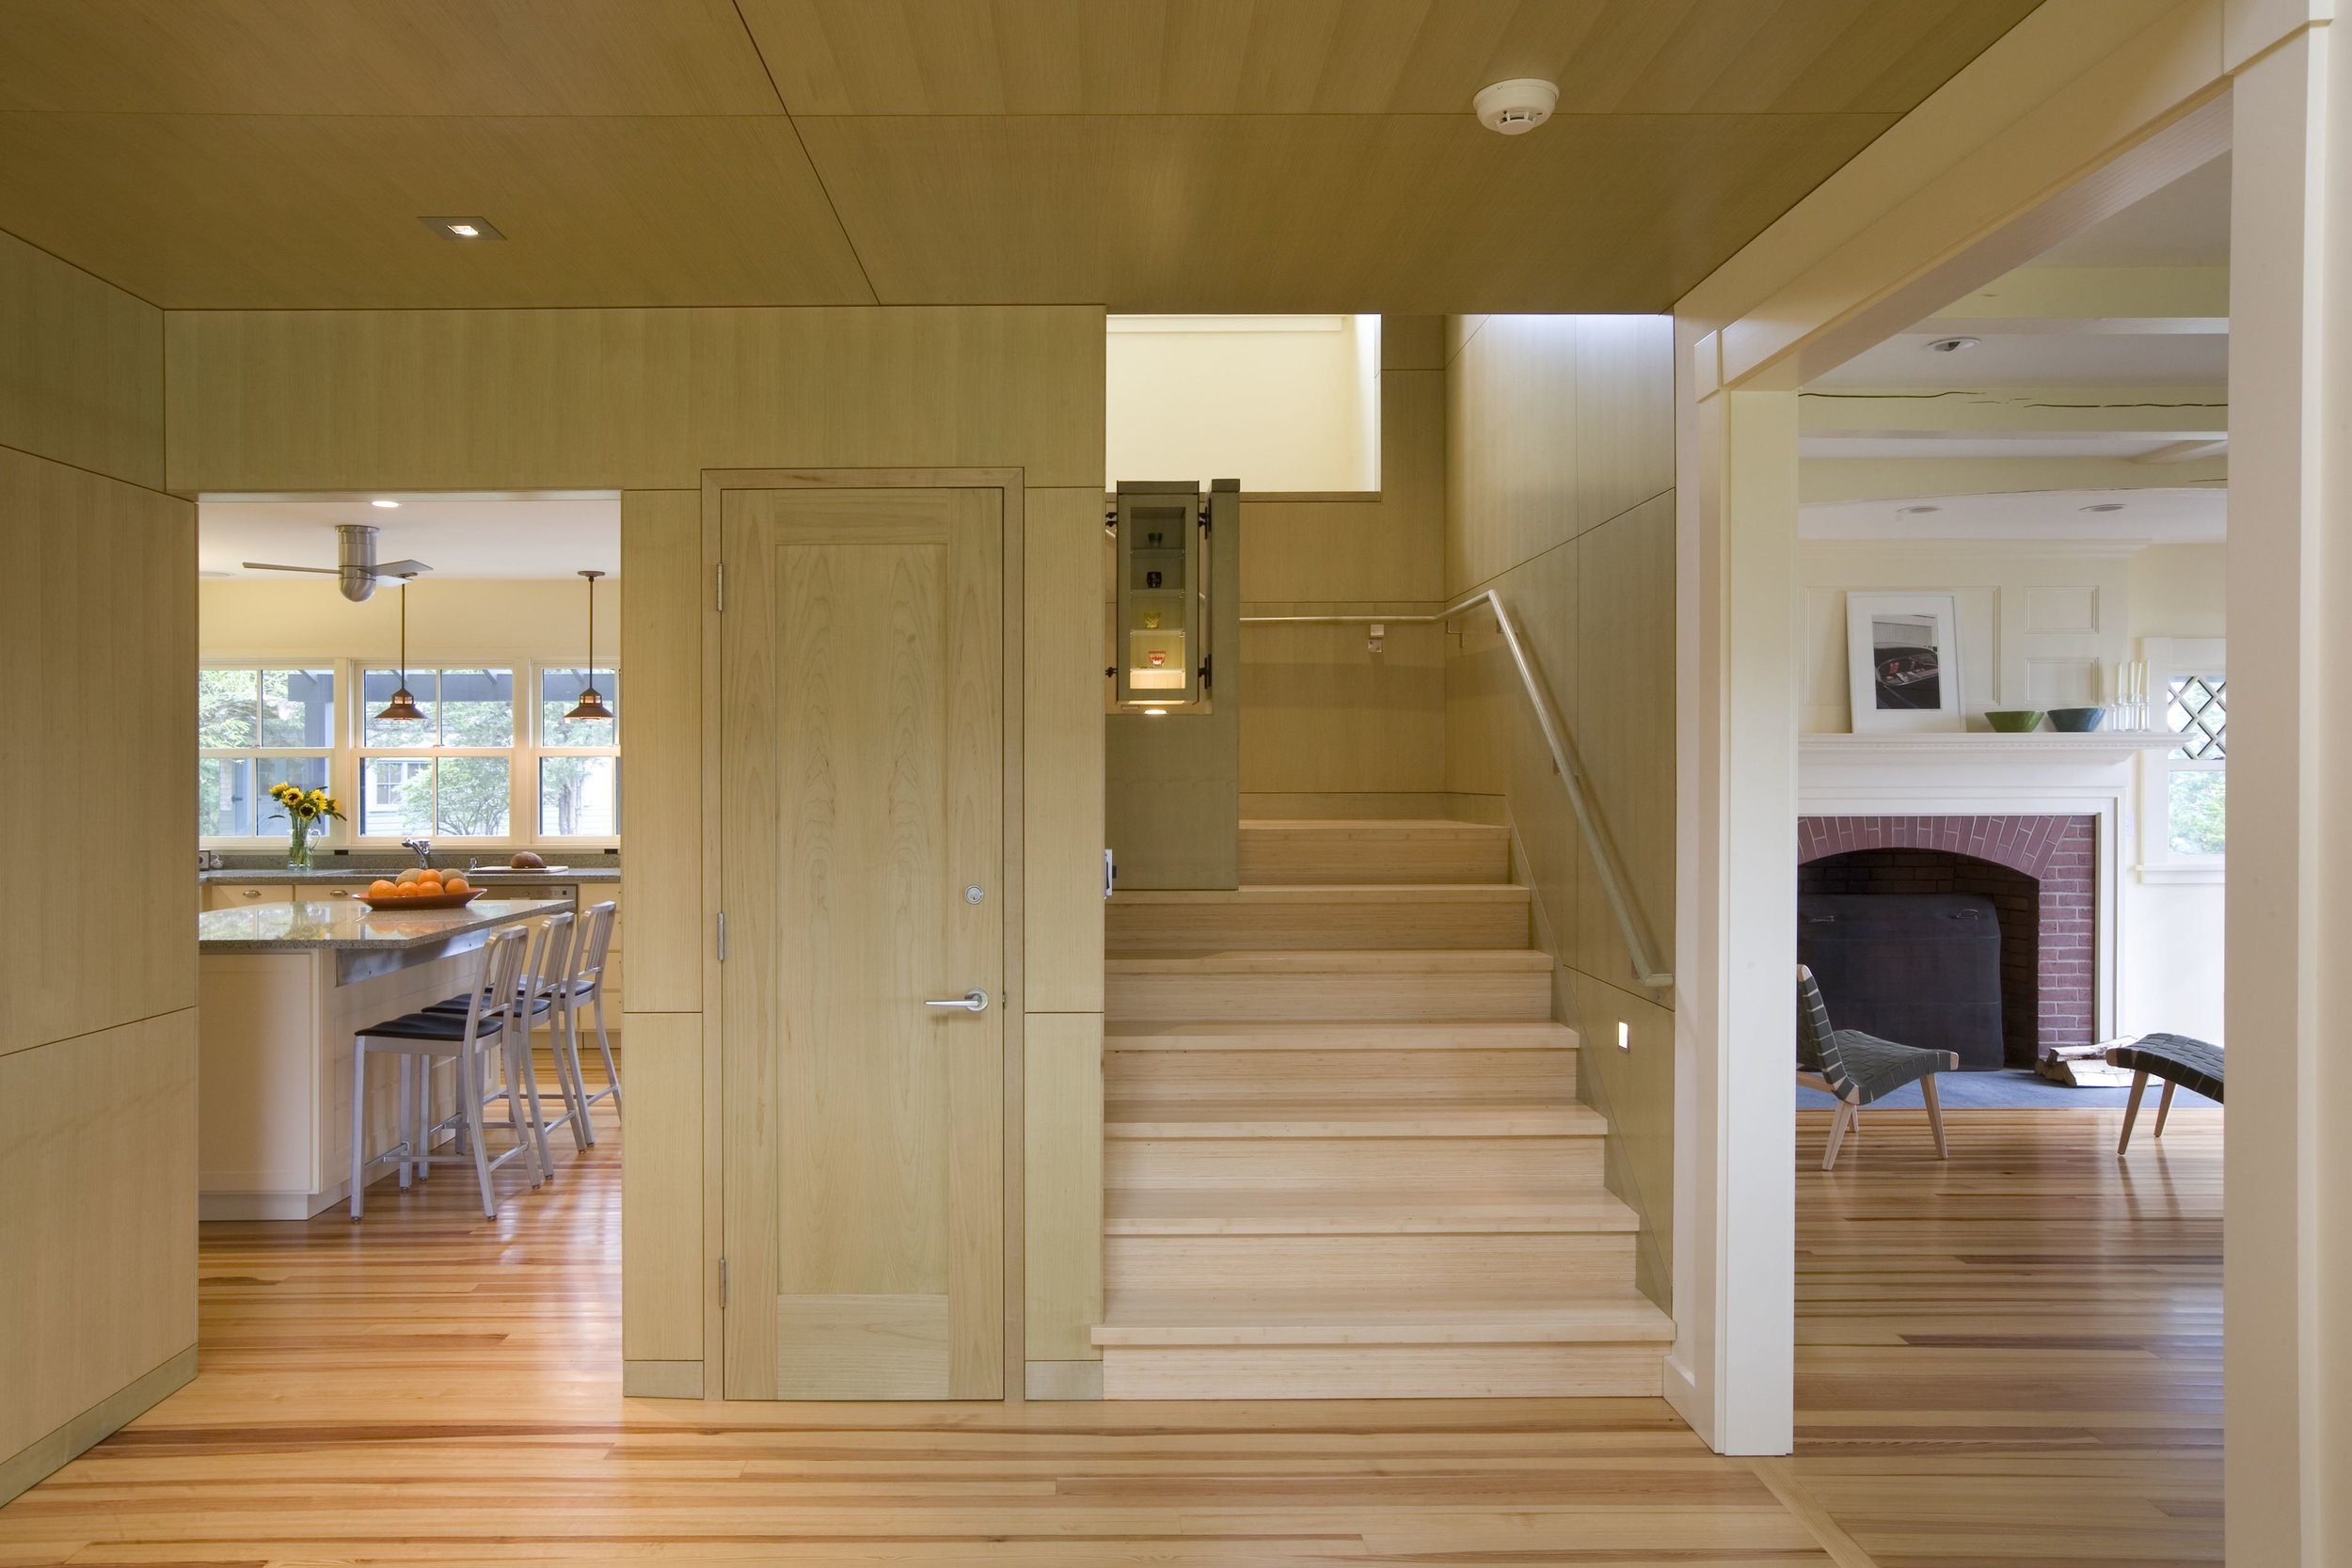 09 AVISNQ_MH_PV_INT_05 kitchen + stair + living rm.jpg